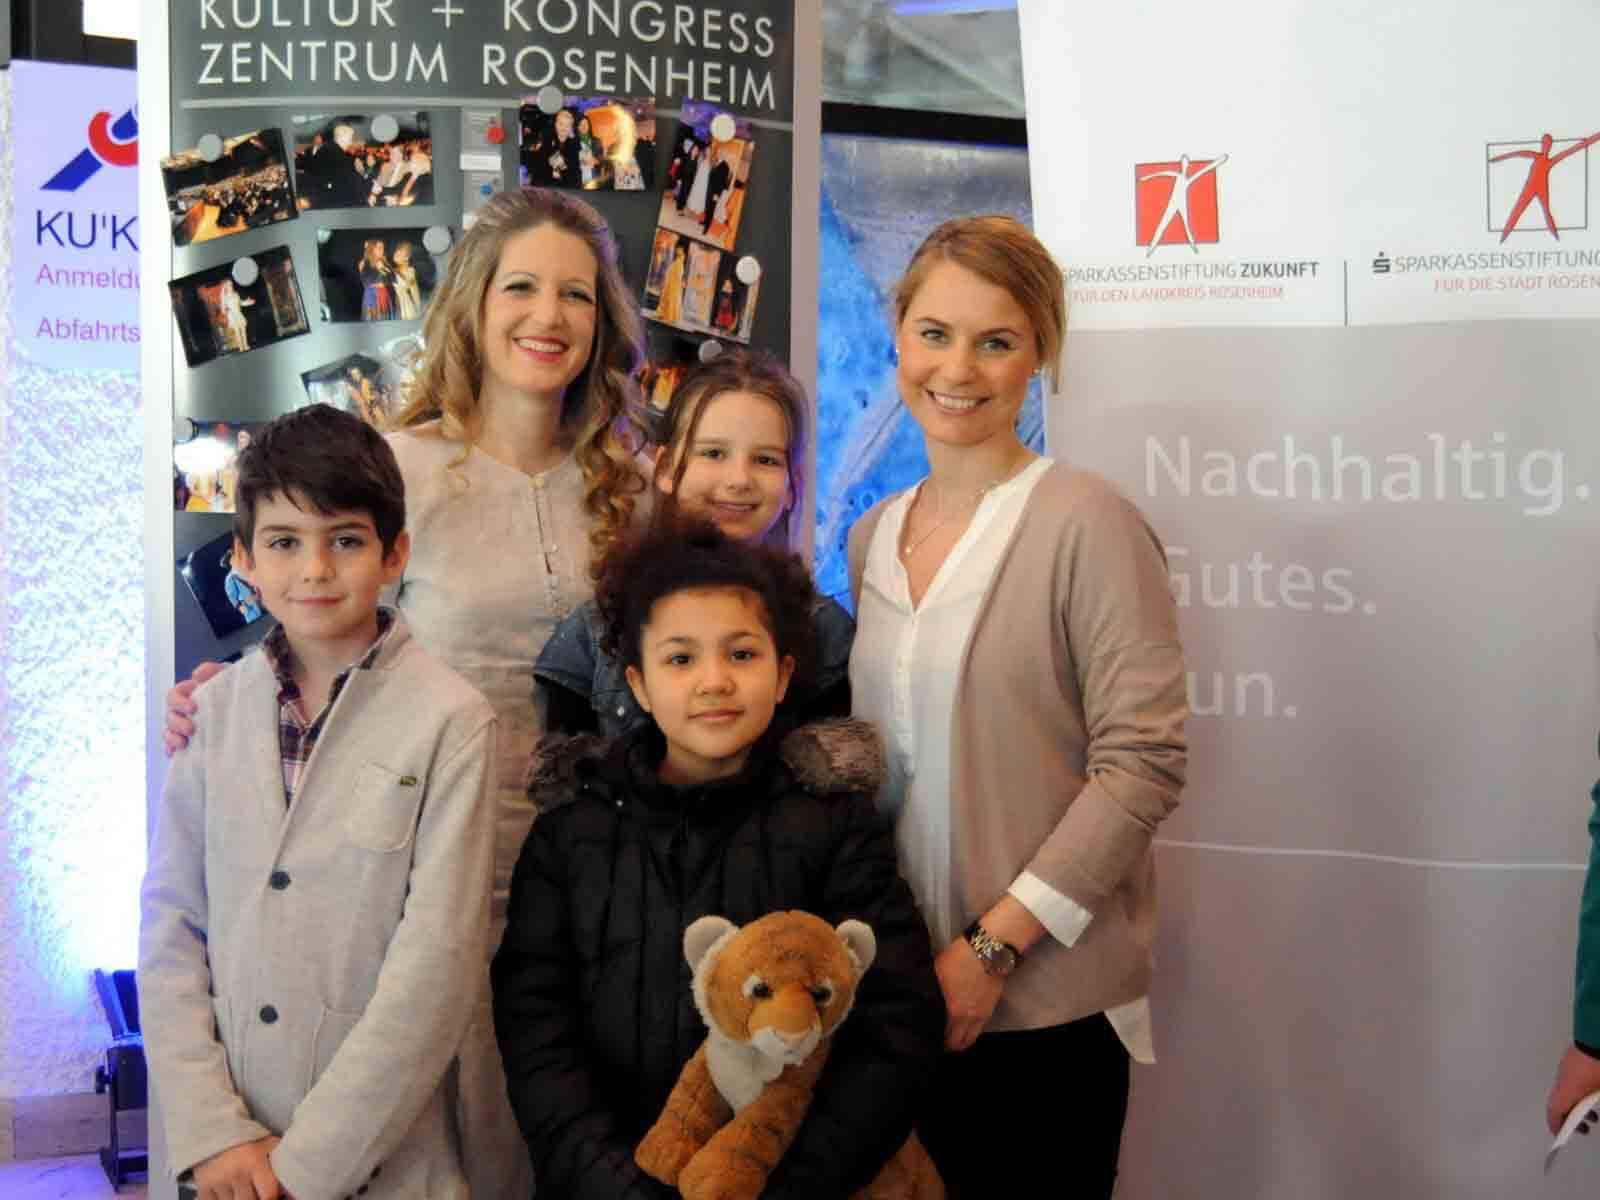 Den Kindern gefiel die Märchenoper. Rechts: Alexa Hubert, gesch&aumlftsführendes Vorstandsmitglied der Sparkassenstiftungen Zukunft.